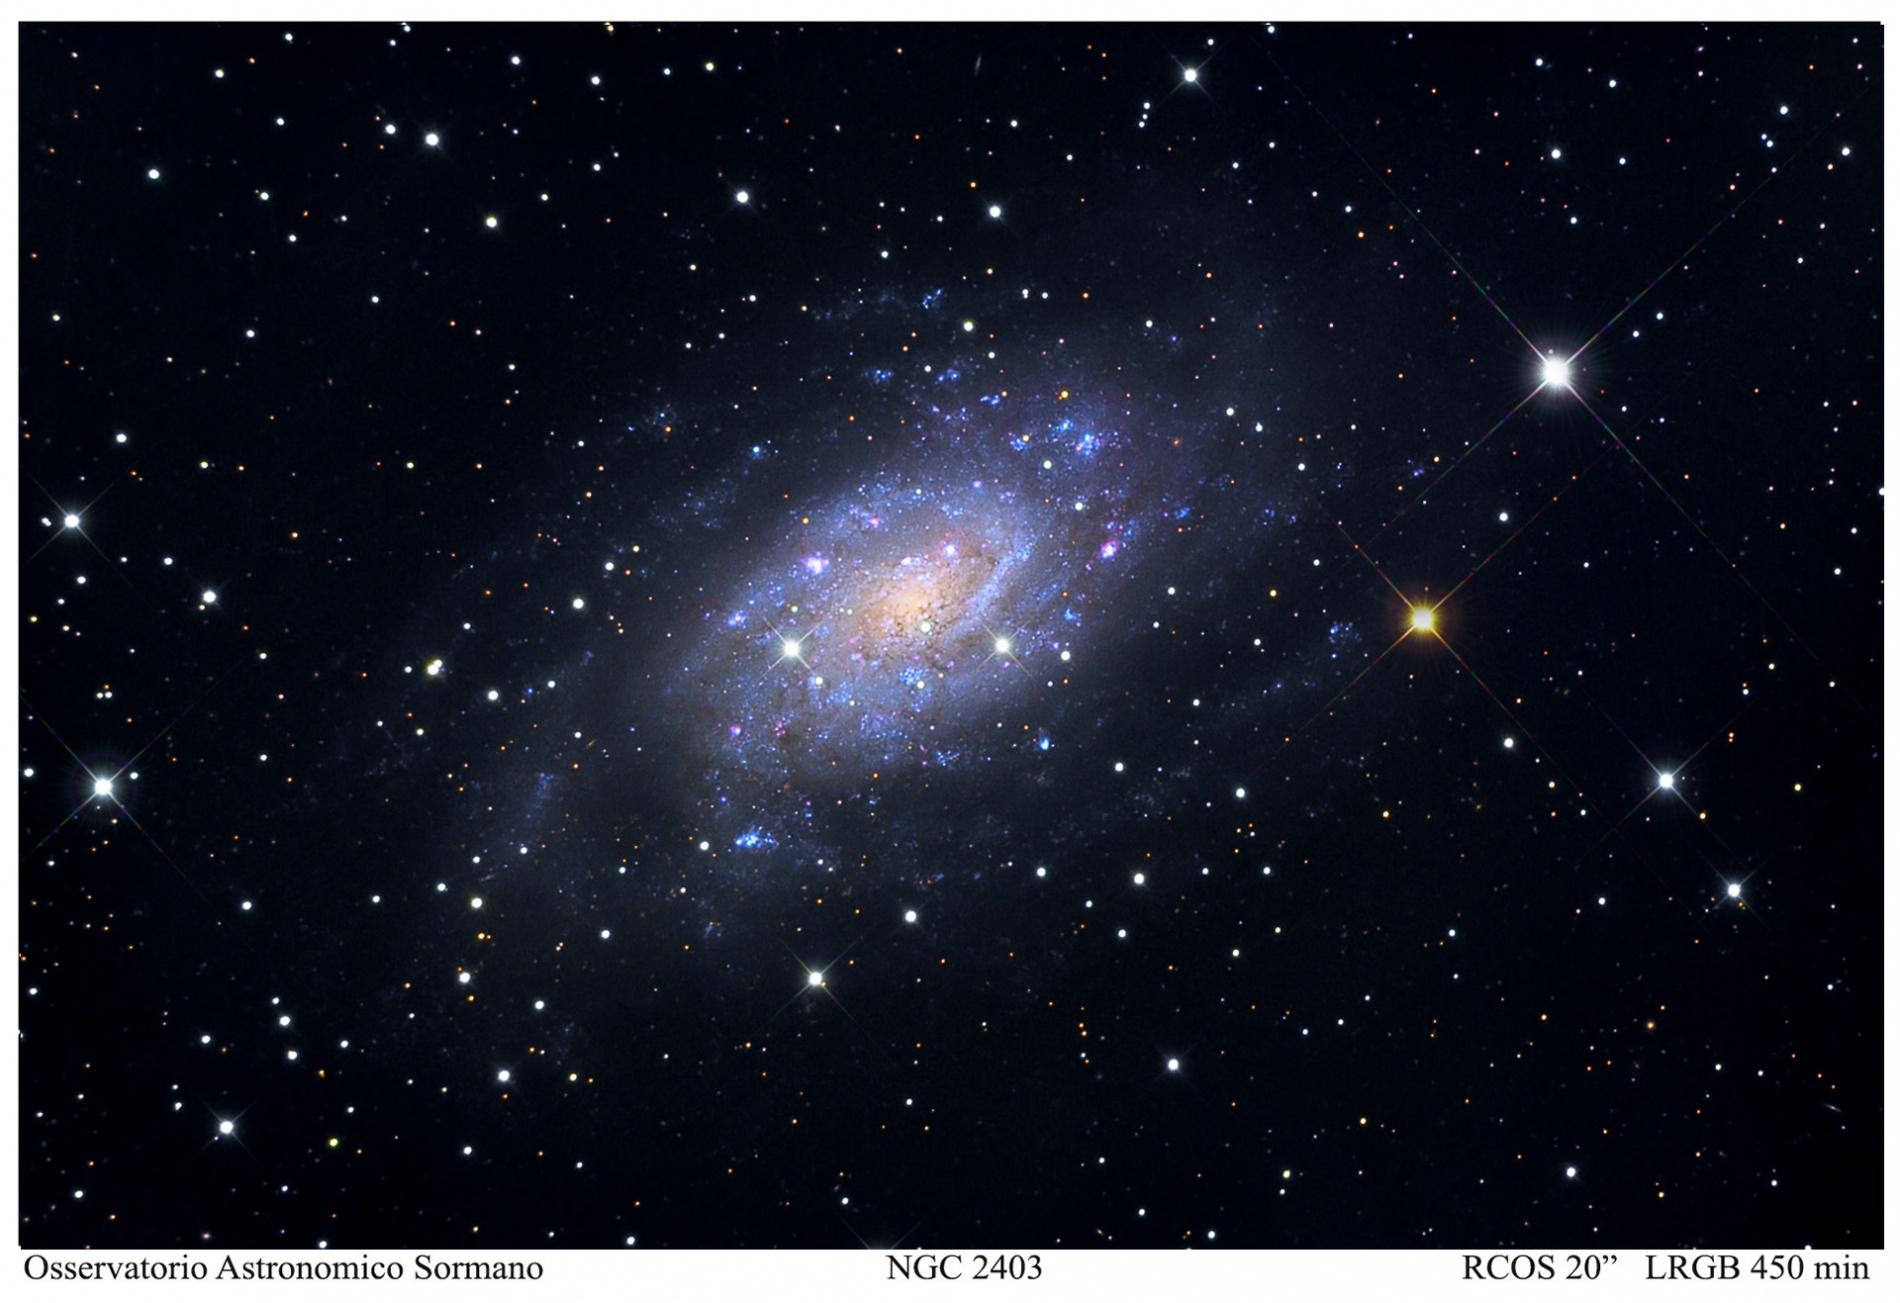 Foto Osservatorio  - NGC 2403: La banalità di essere unici